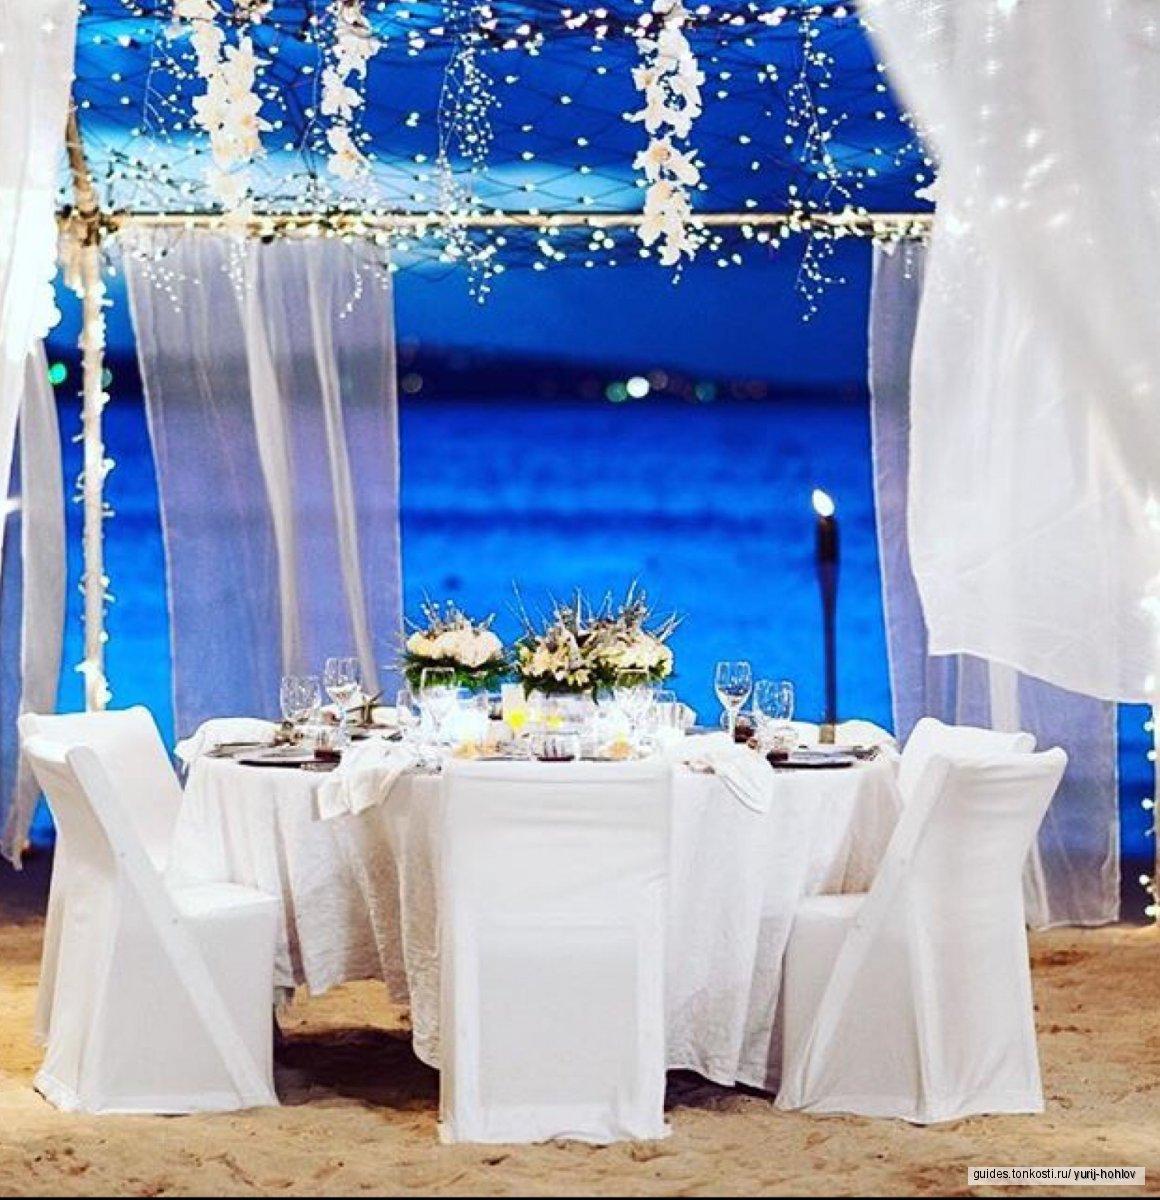 Свадебное путешествие по лучшим местам Лазурного берега Франции и Италии